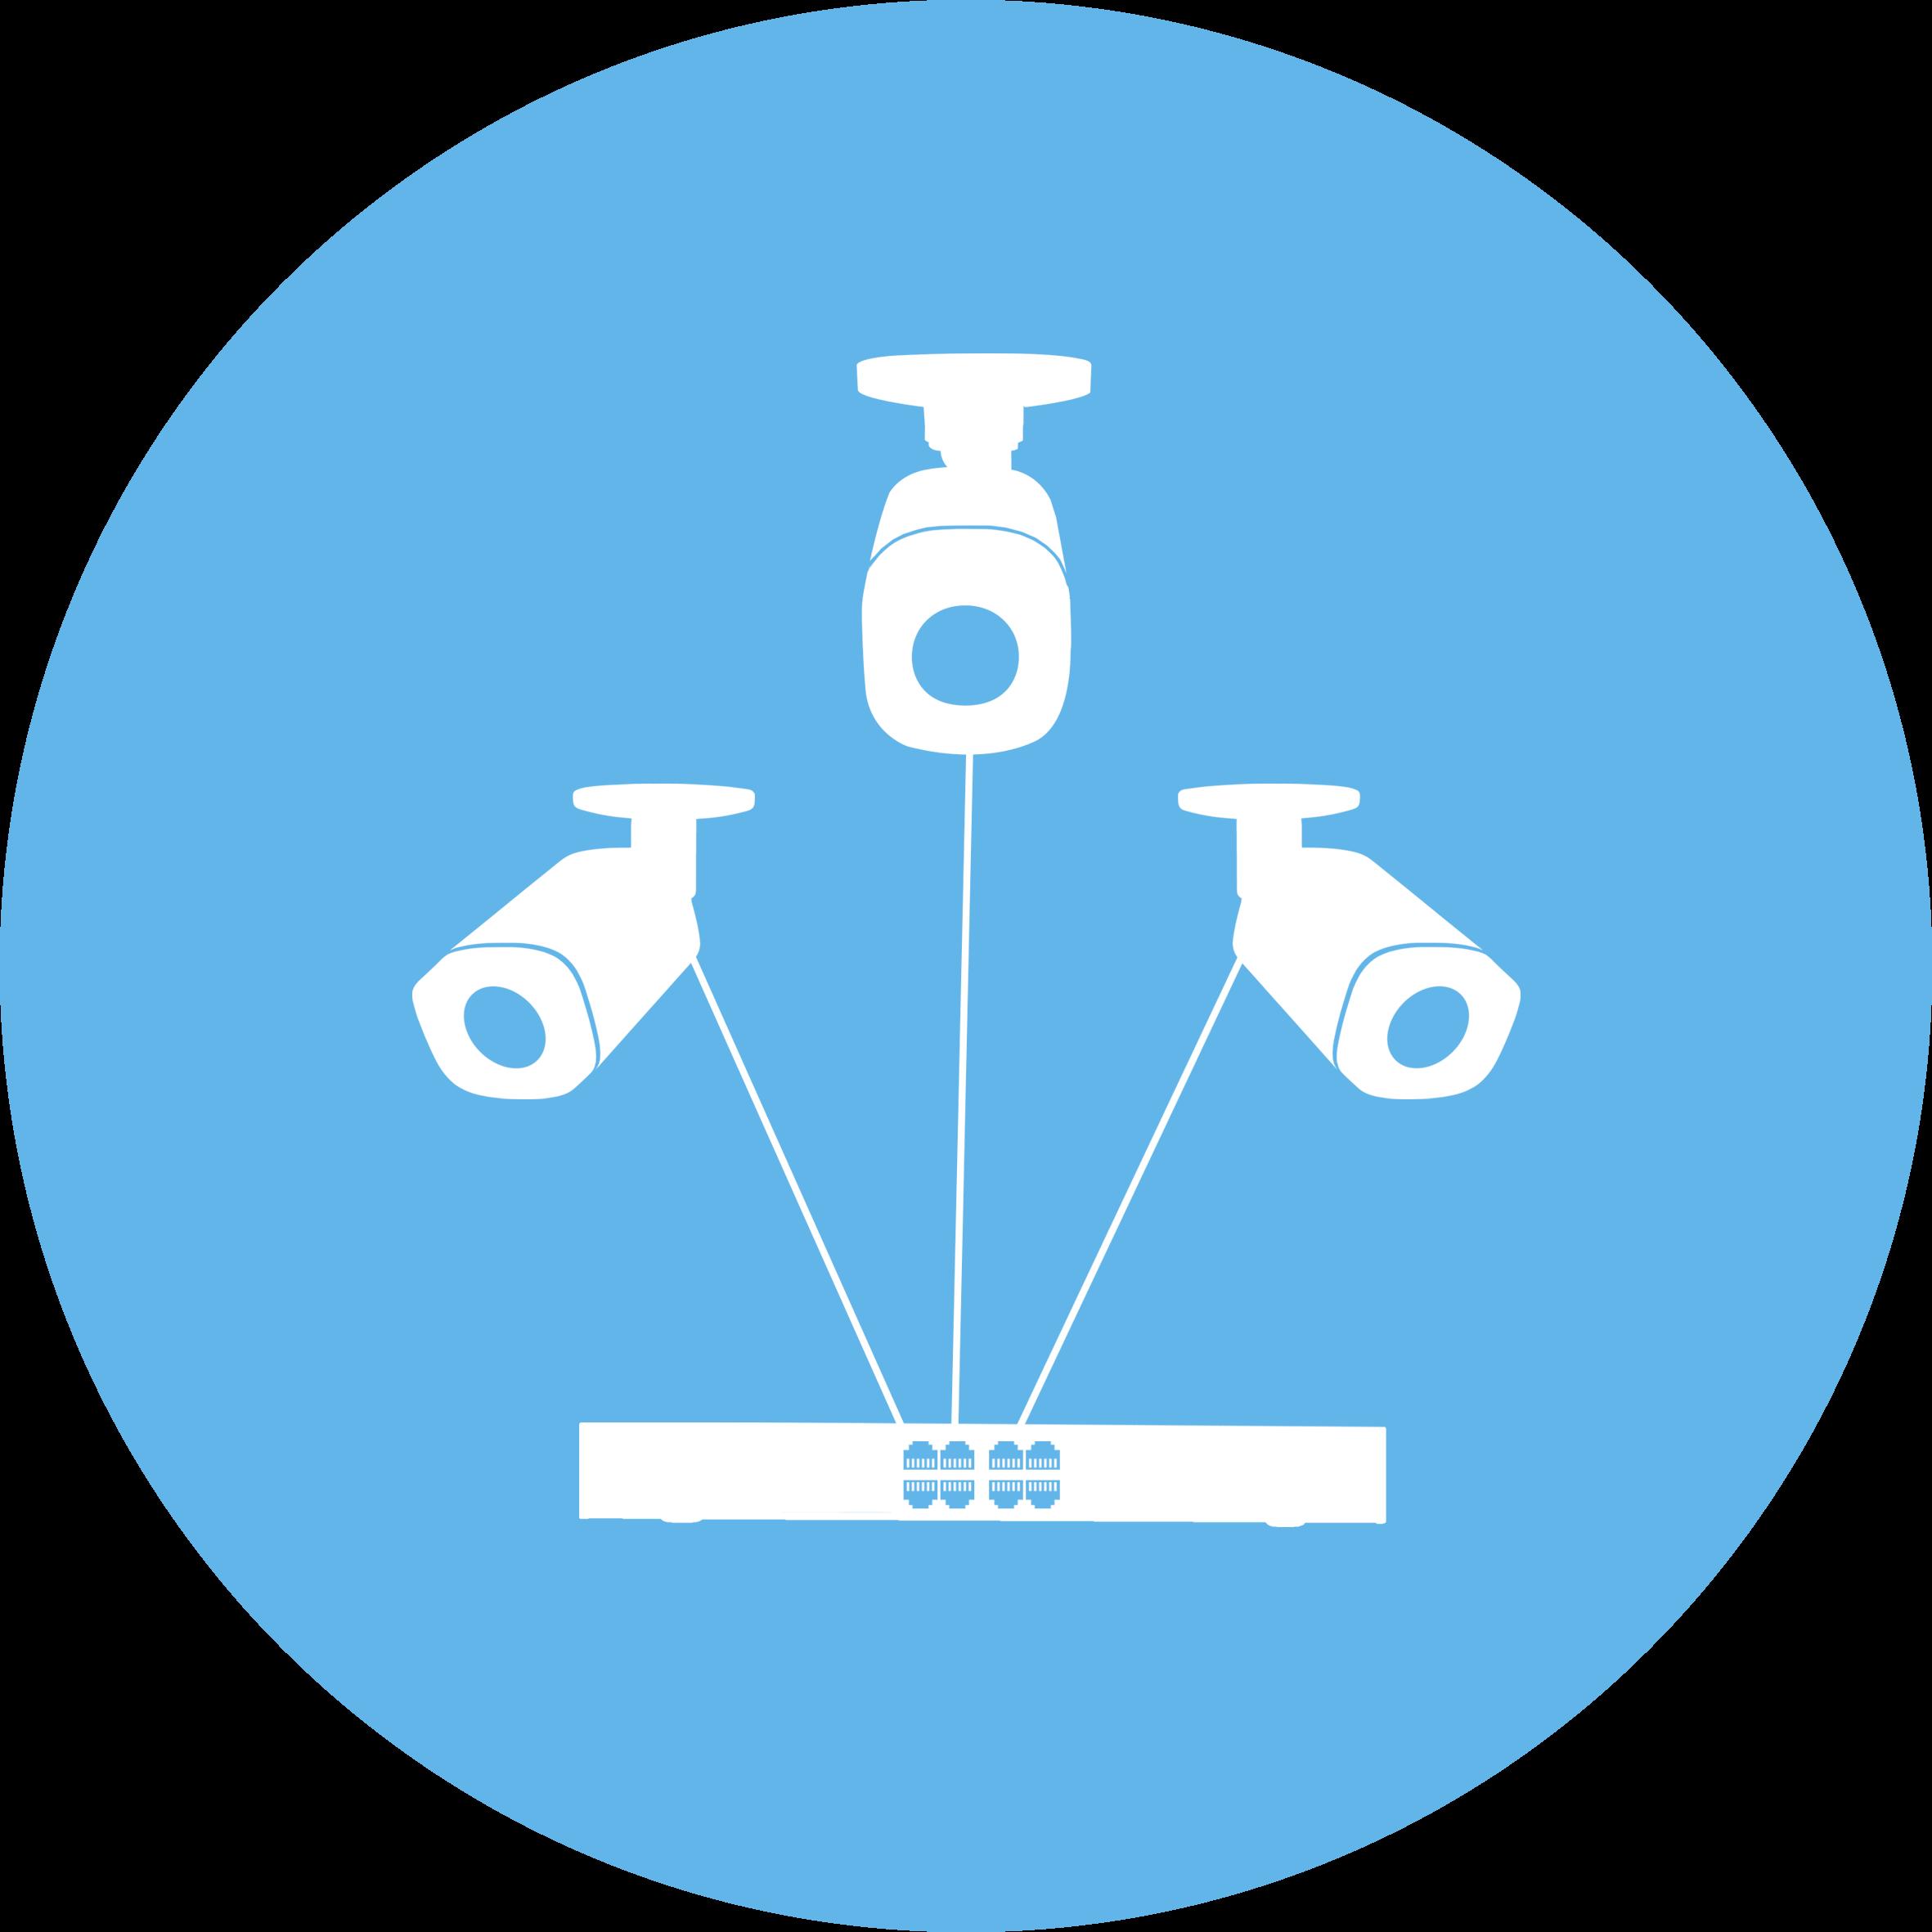 دستگاه ضبط NVR POE چیست و چگونه راه اندازی می شود؟